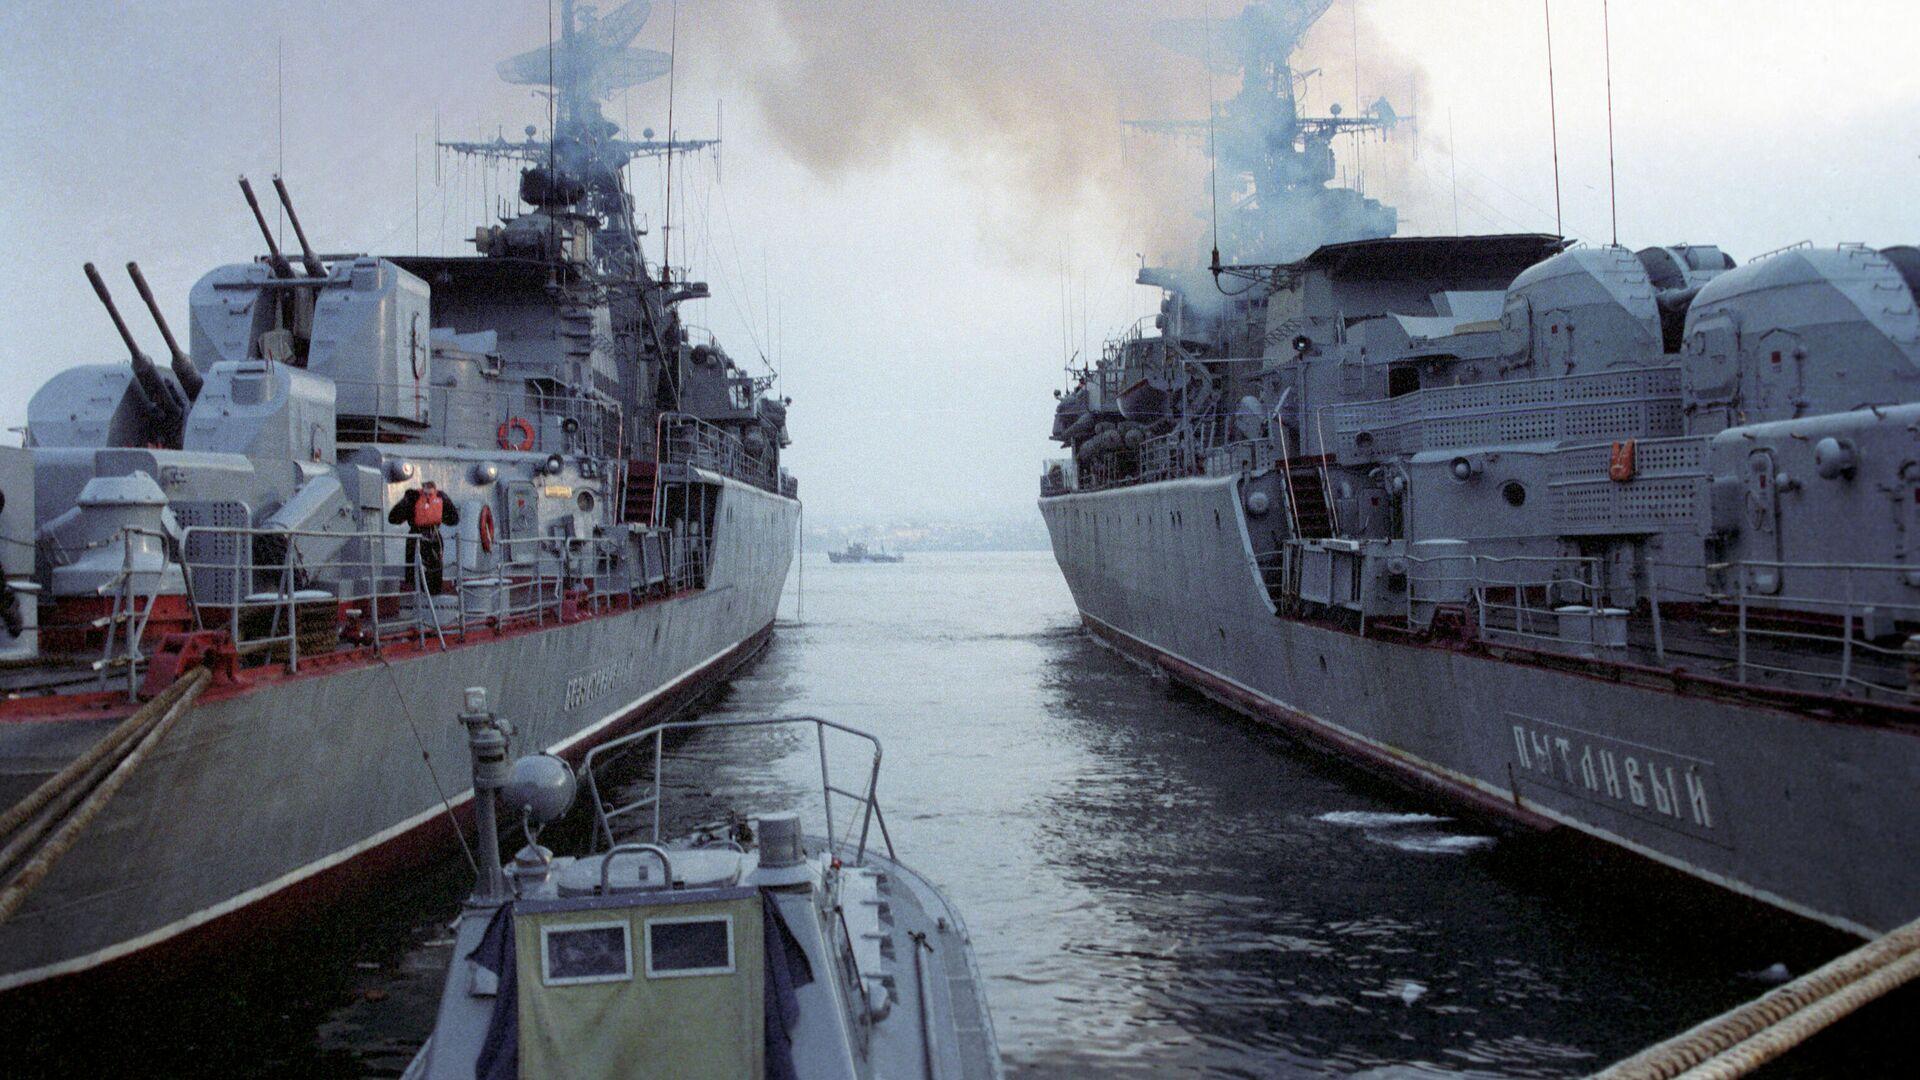 Корабли на военно-морской базе Черноморского флота в Севастополе - РИА Новости, 1920, 17.06.2020